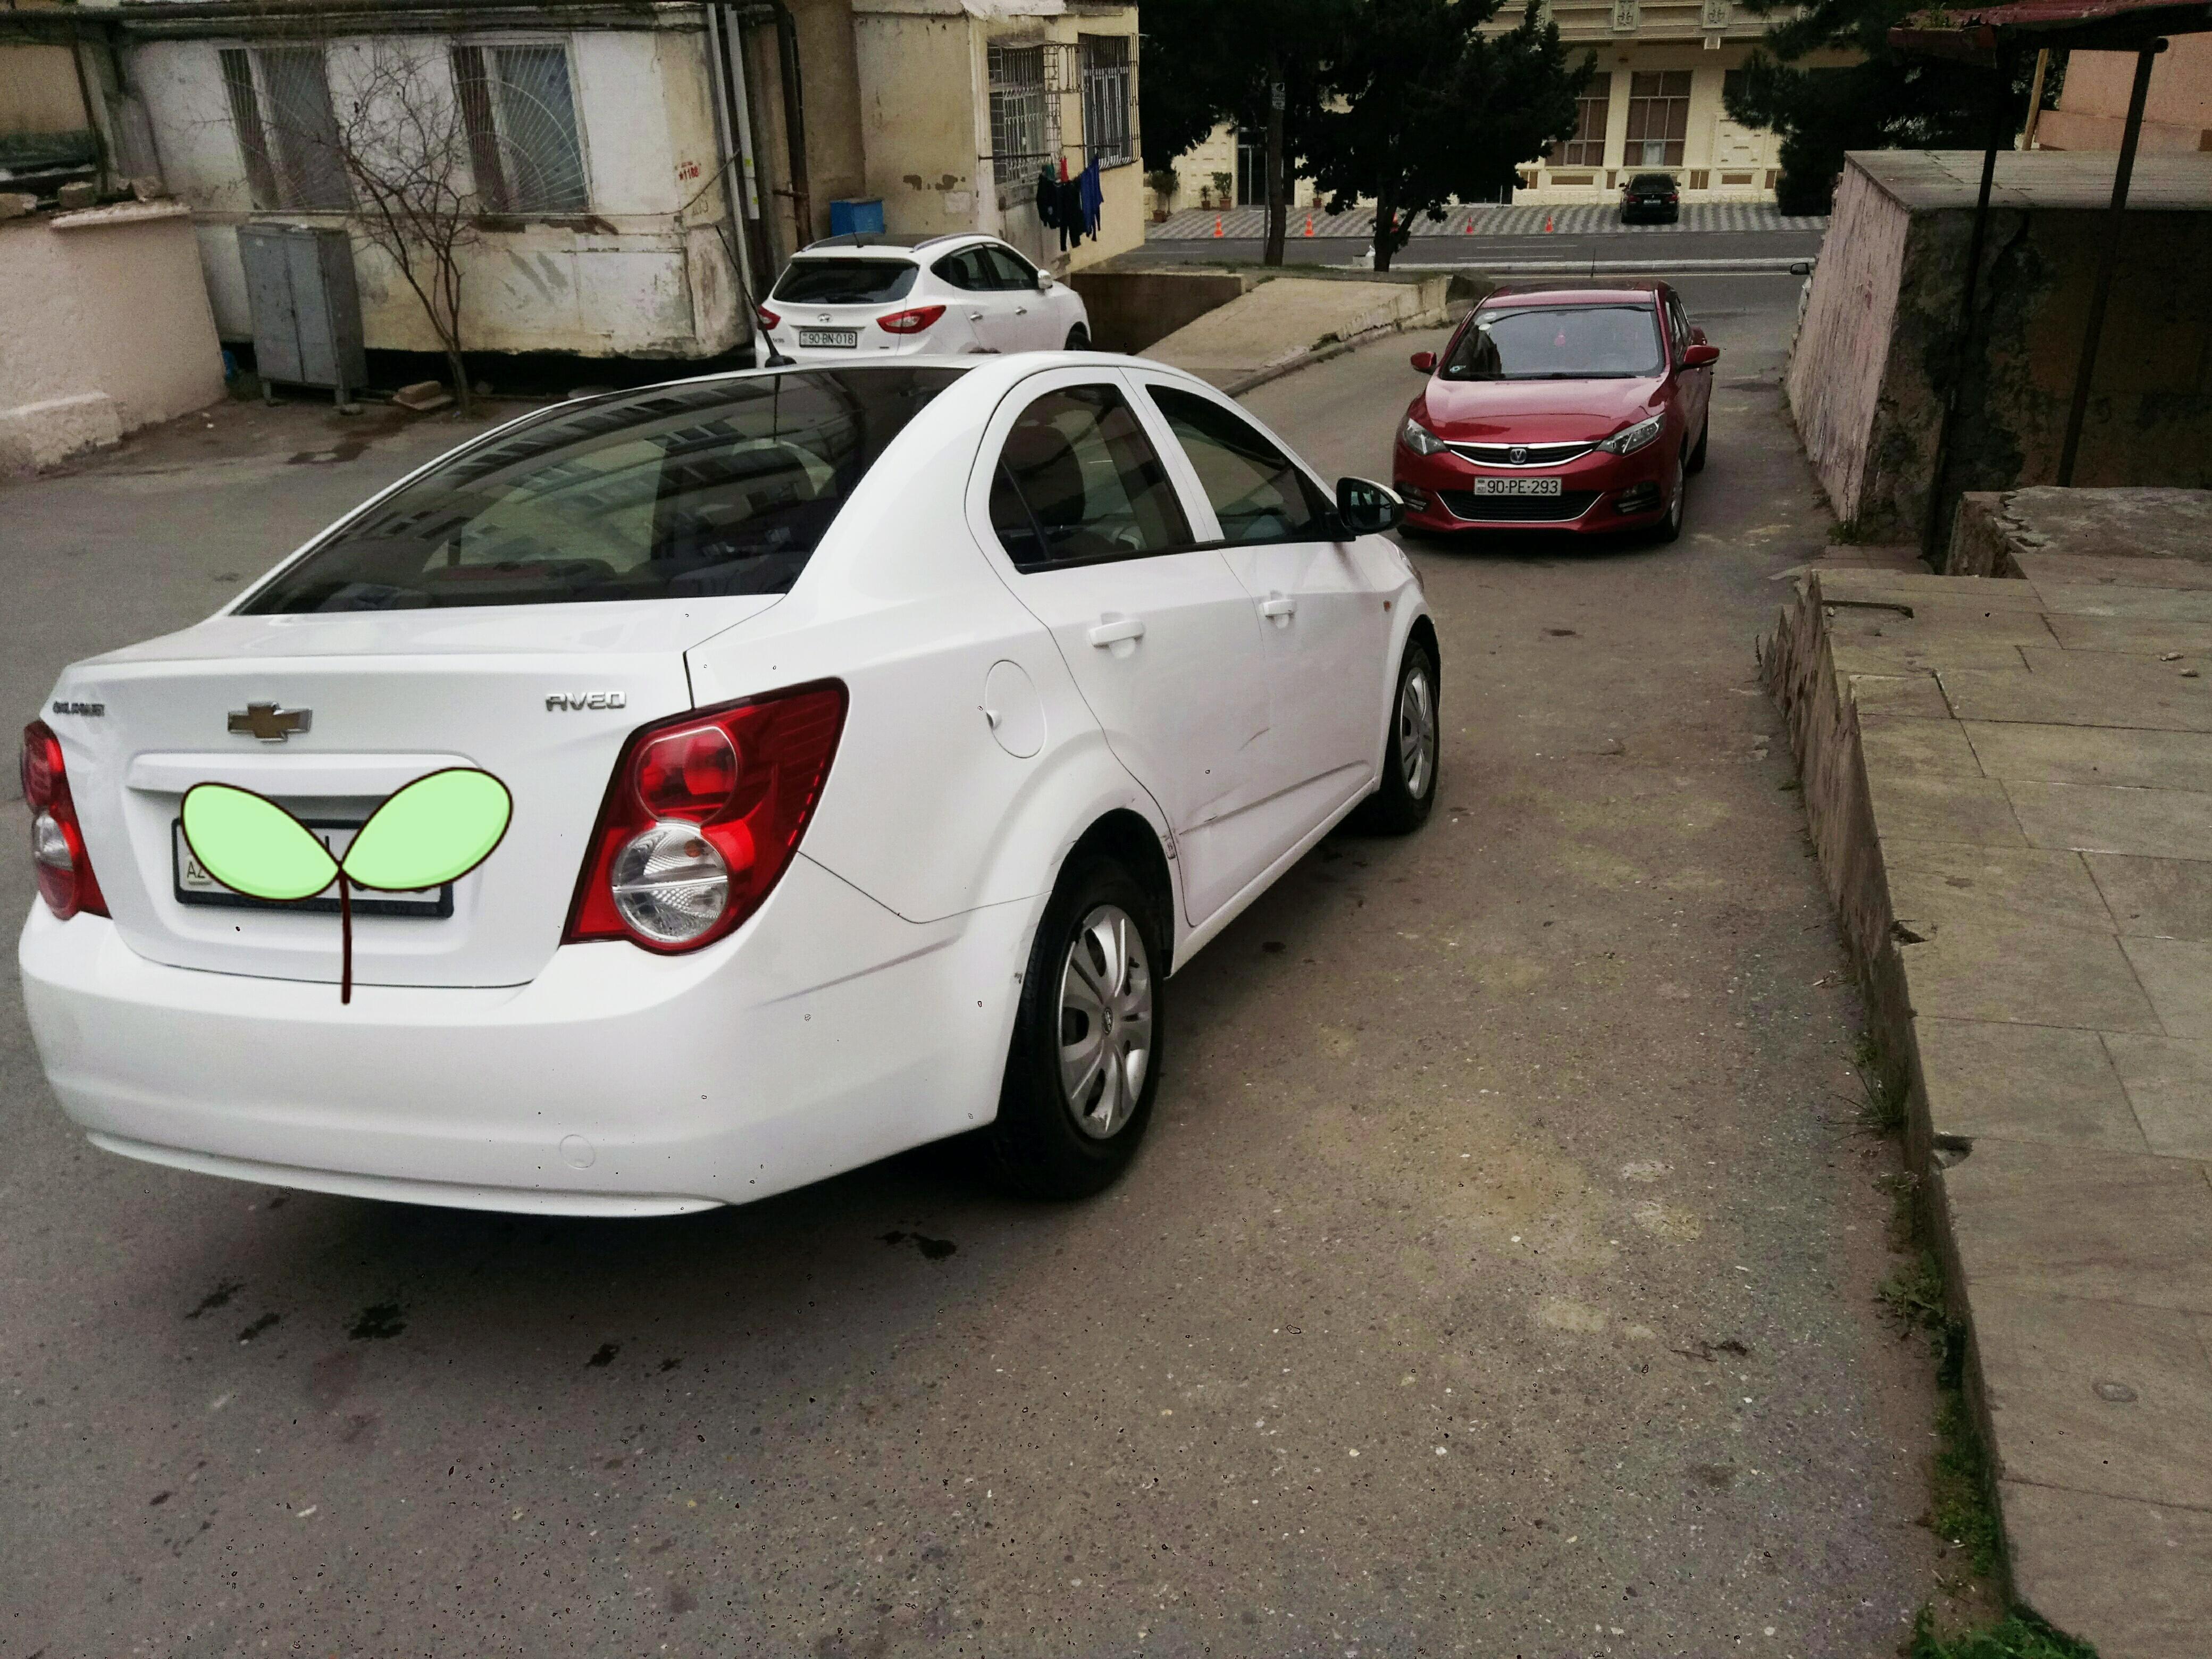 Chevrolet Aveo 1.4(lt) 2012 Подержанный  $6850